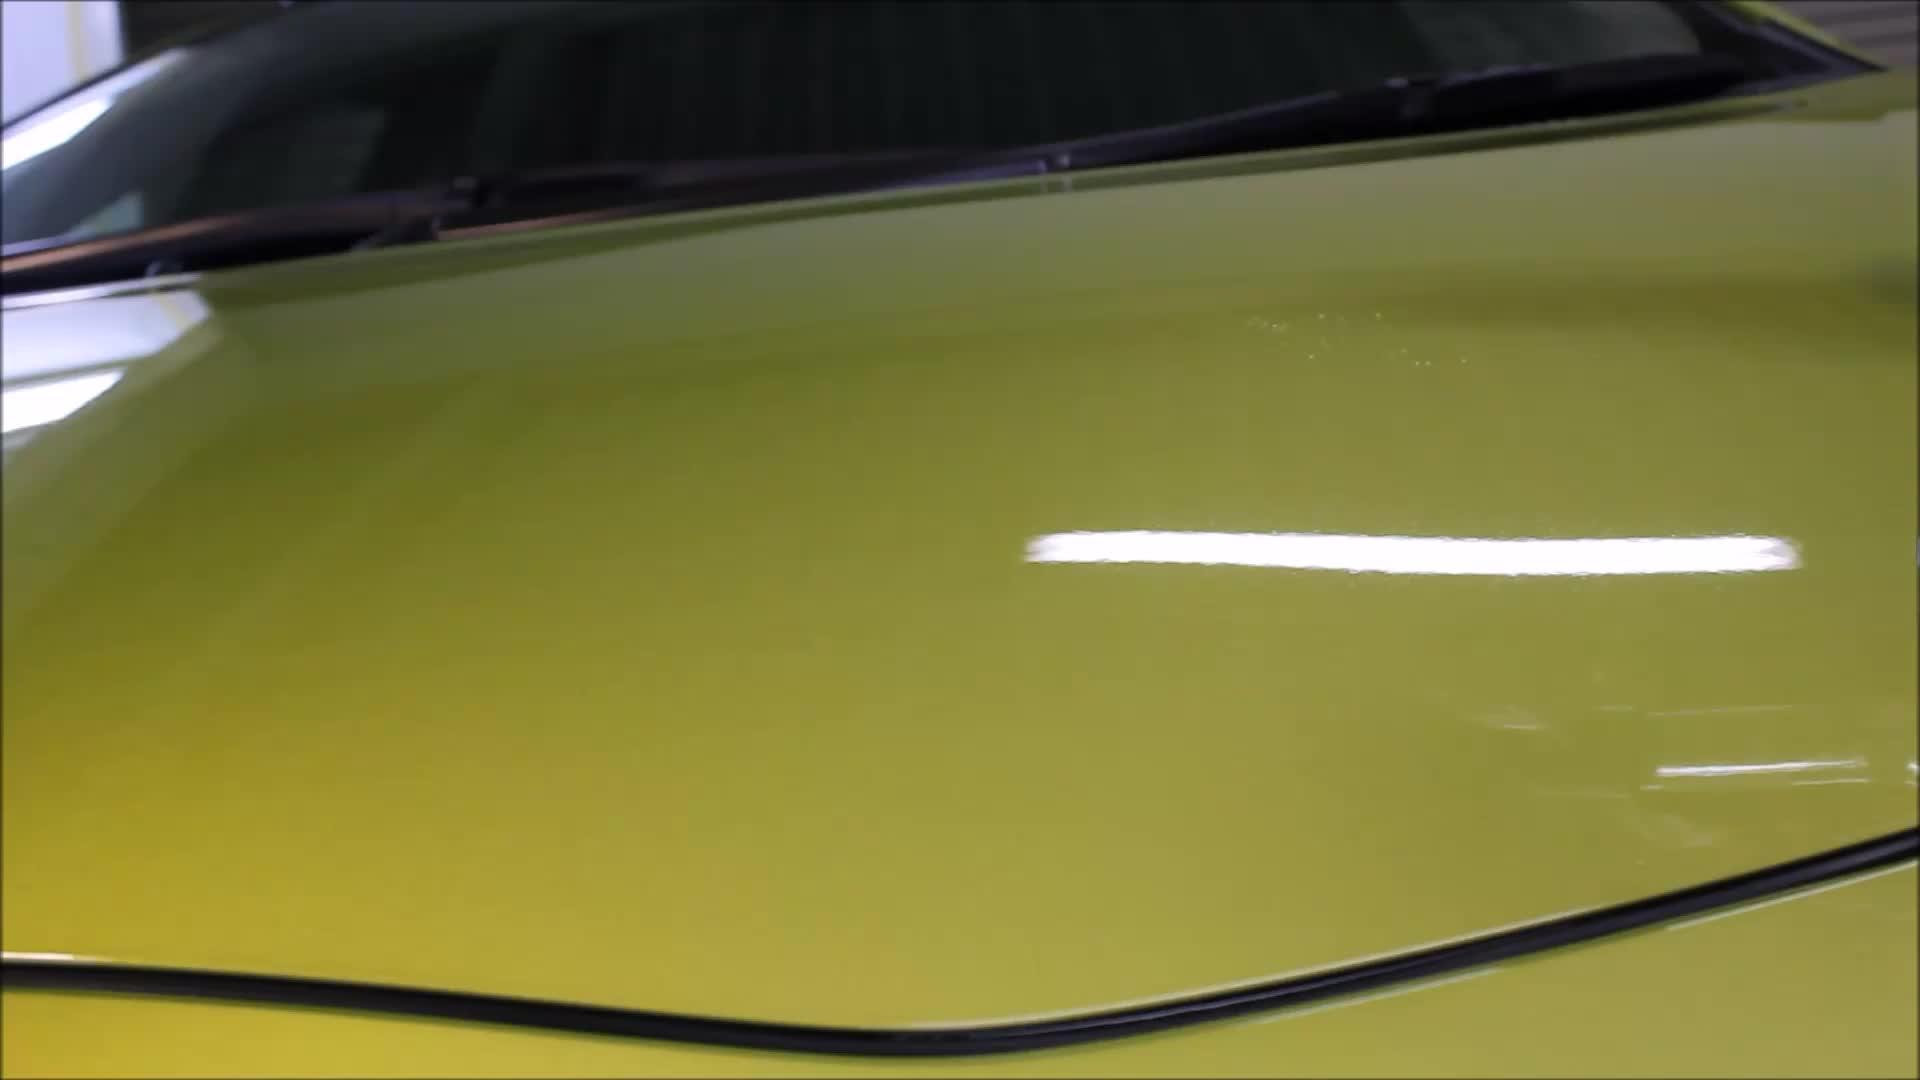 Autolack-Autokarosserie-Schutz-Clean-Kit-Beschichtung